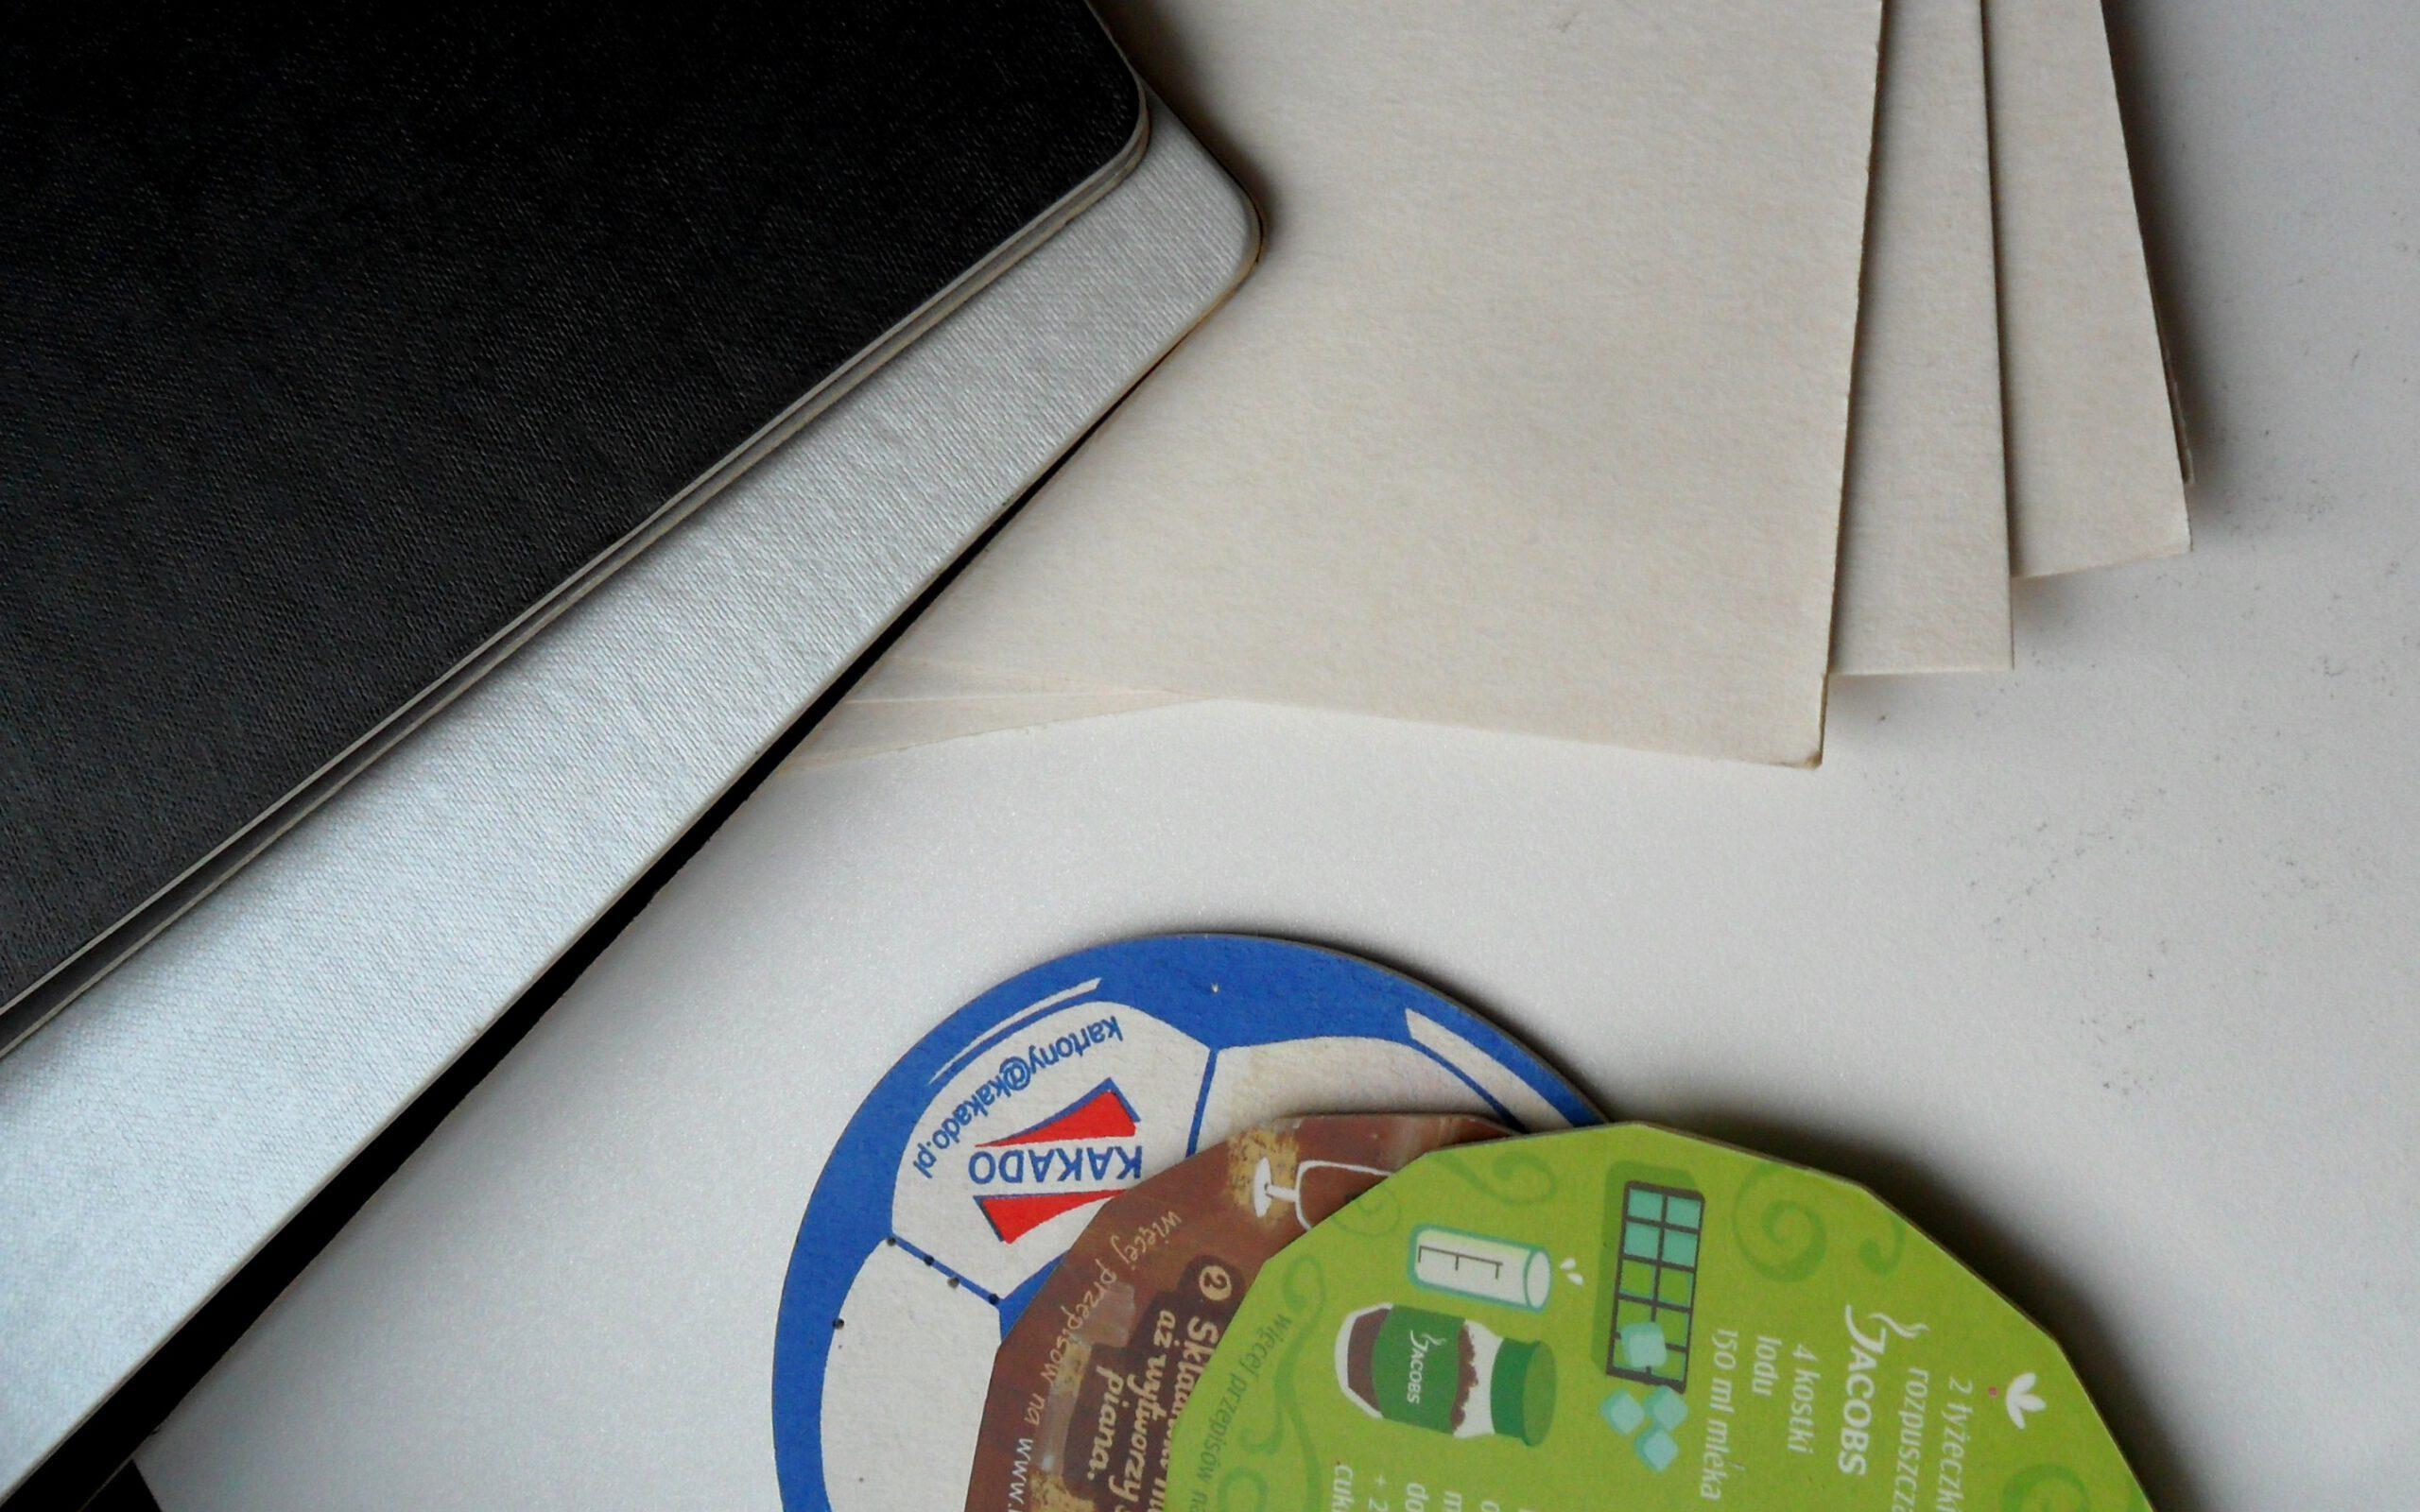 Beermat – karton na podkładki, albumy i odświeżacze